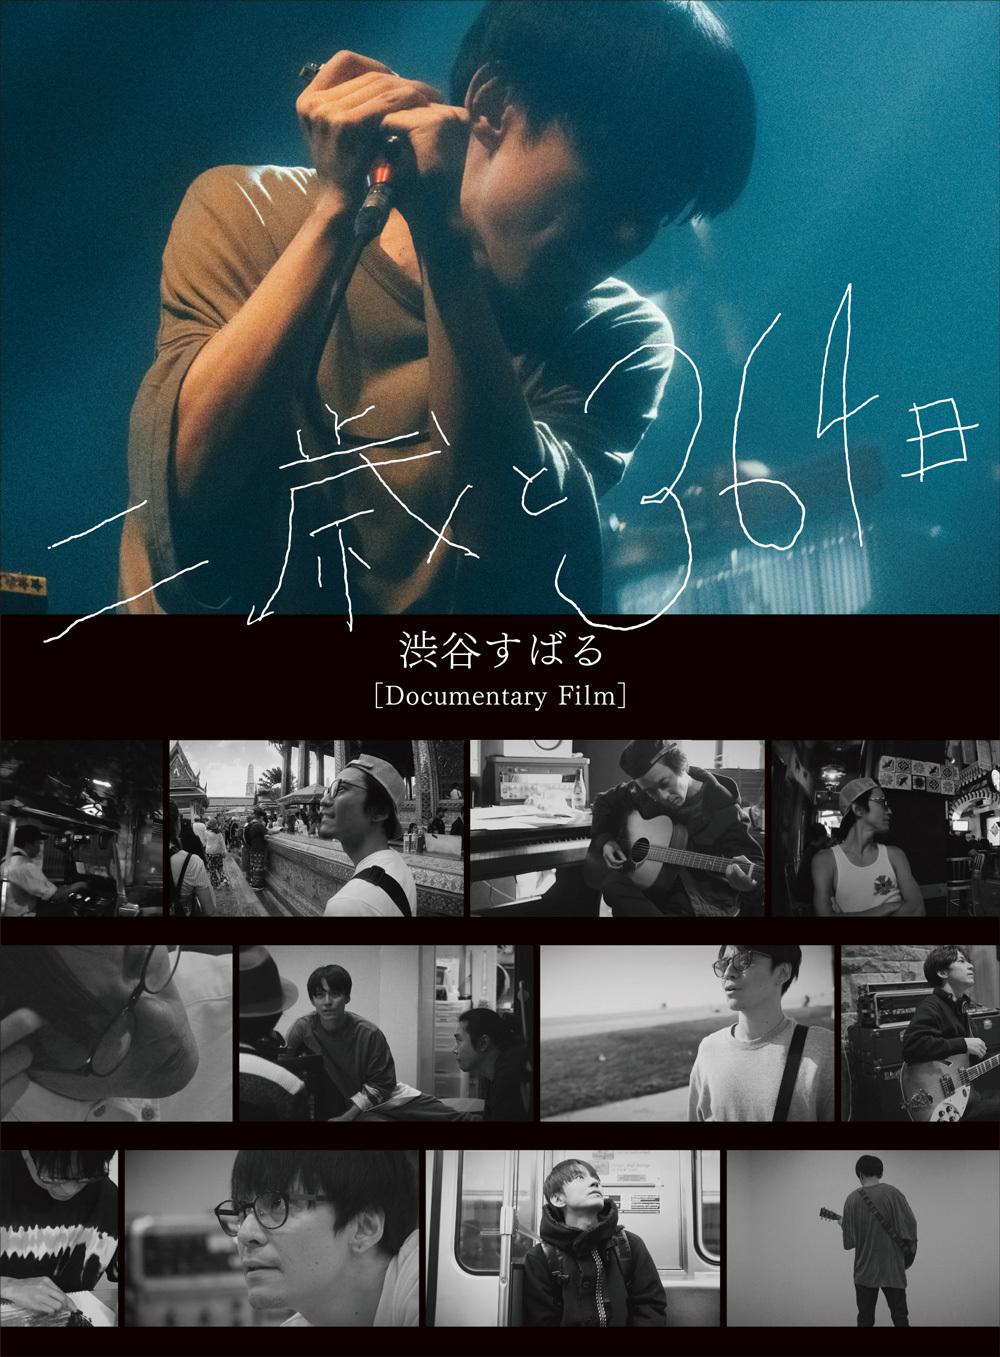 DVD/BD